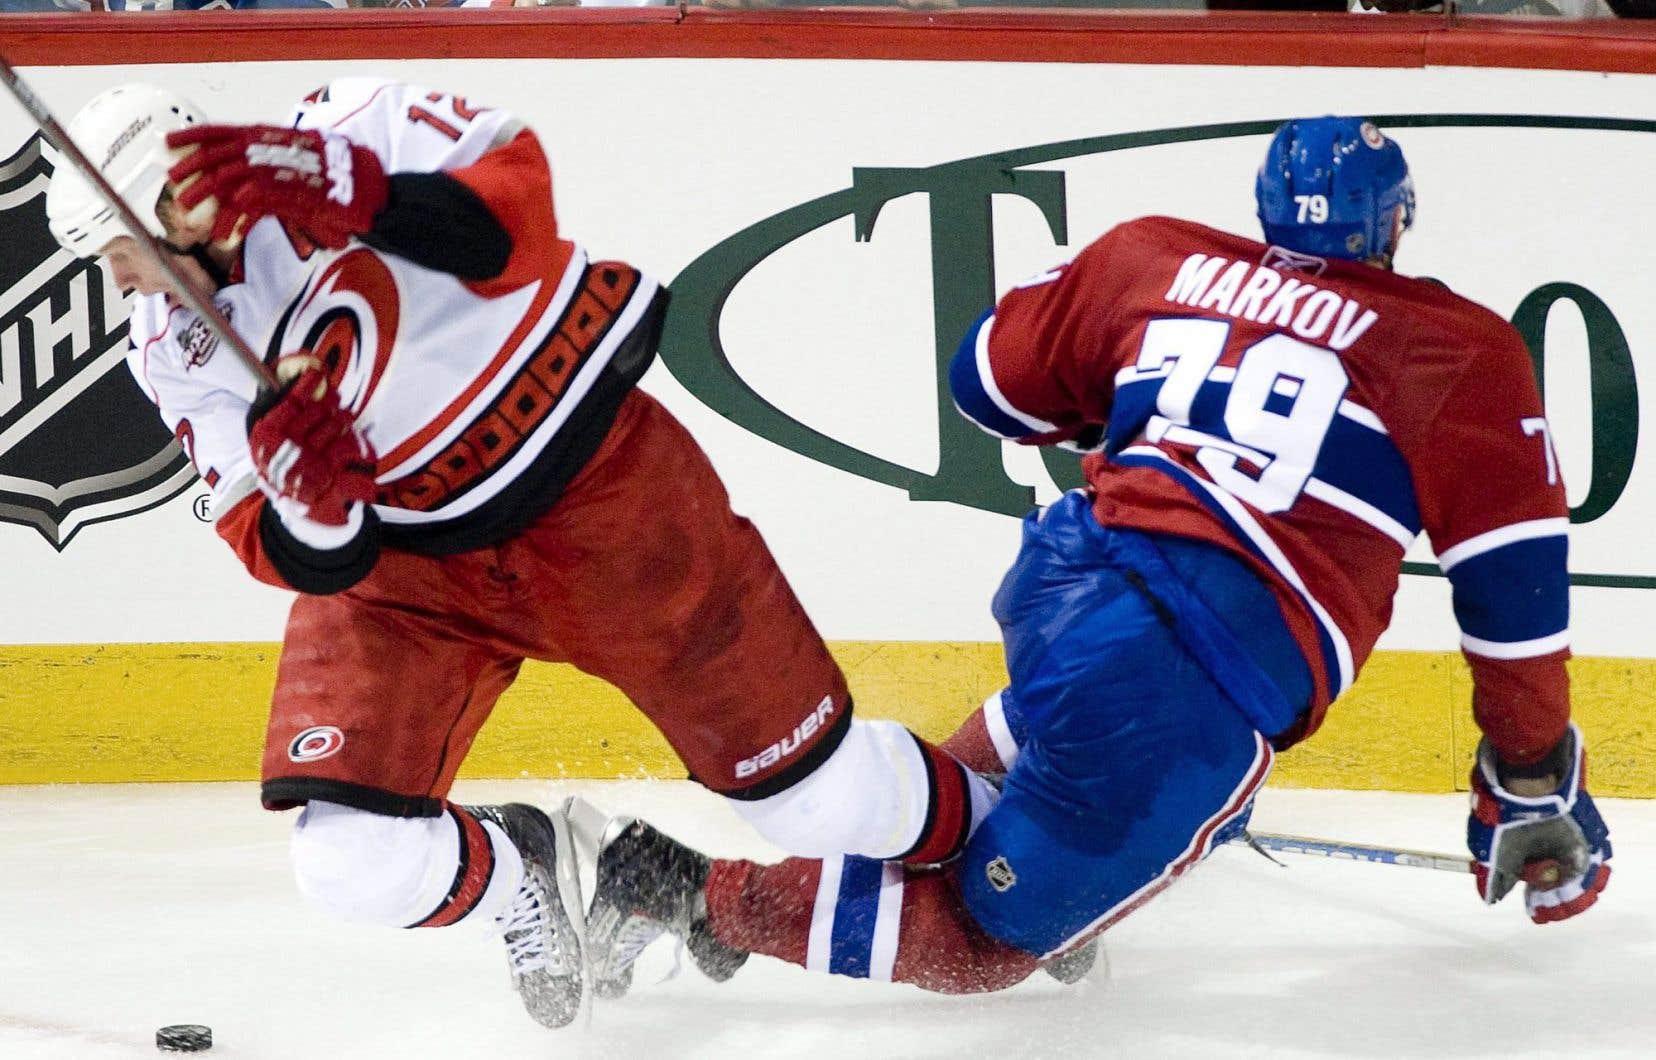 L'étude note que la chirurgie serait quand même utile chez les personnes souffrant d'une blessure sportive - c'est le cas du défenseur du Canadien, Andreï Markov, qui a subi unearthroscopie avec succès en 2011.